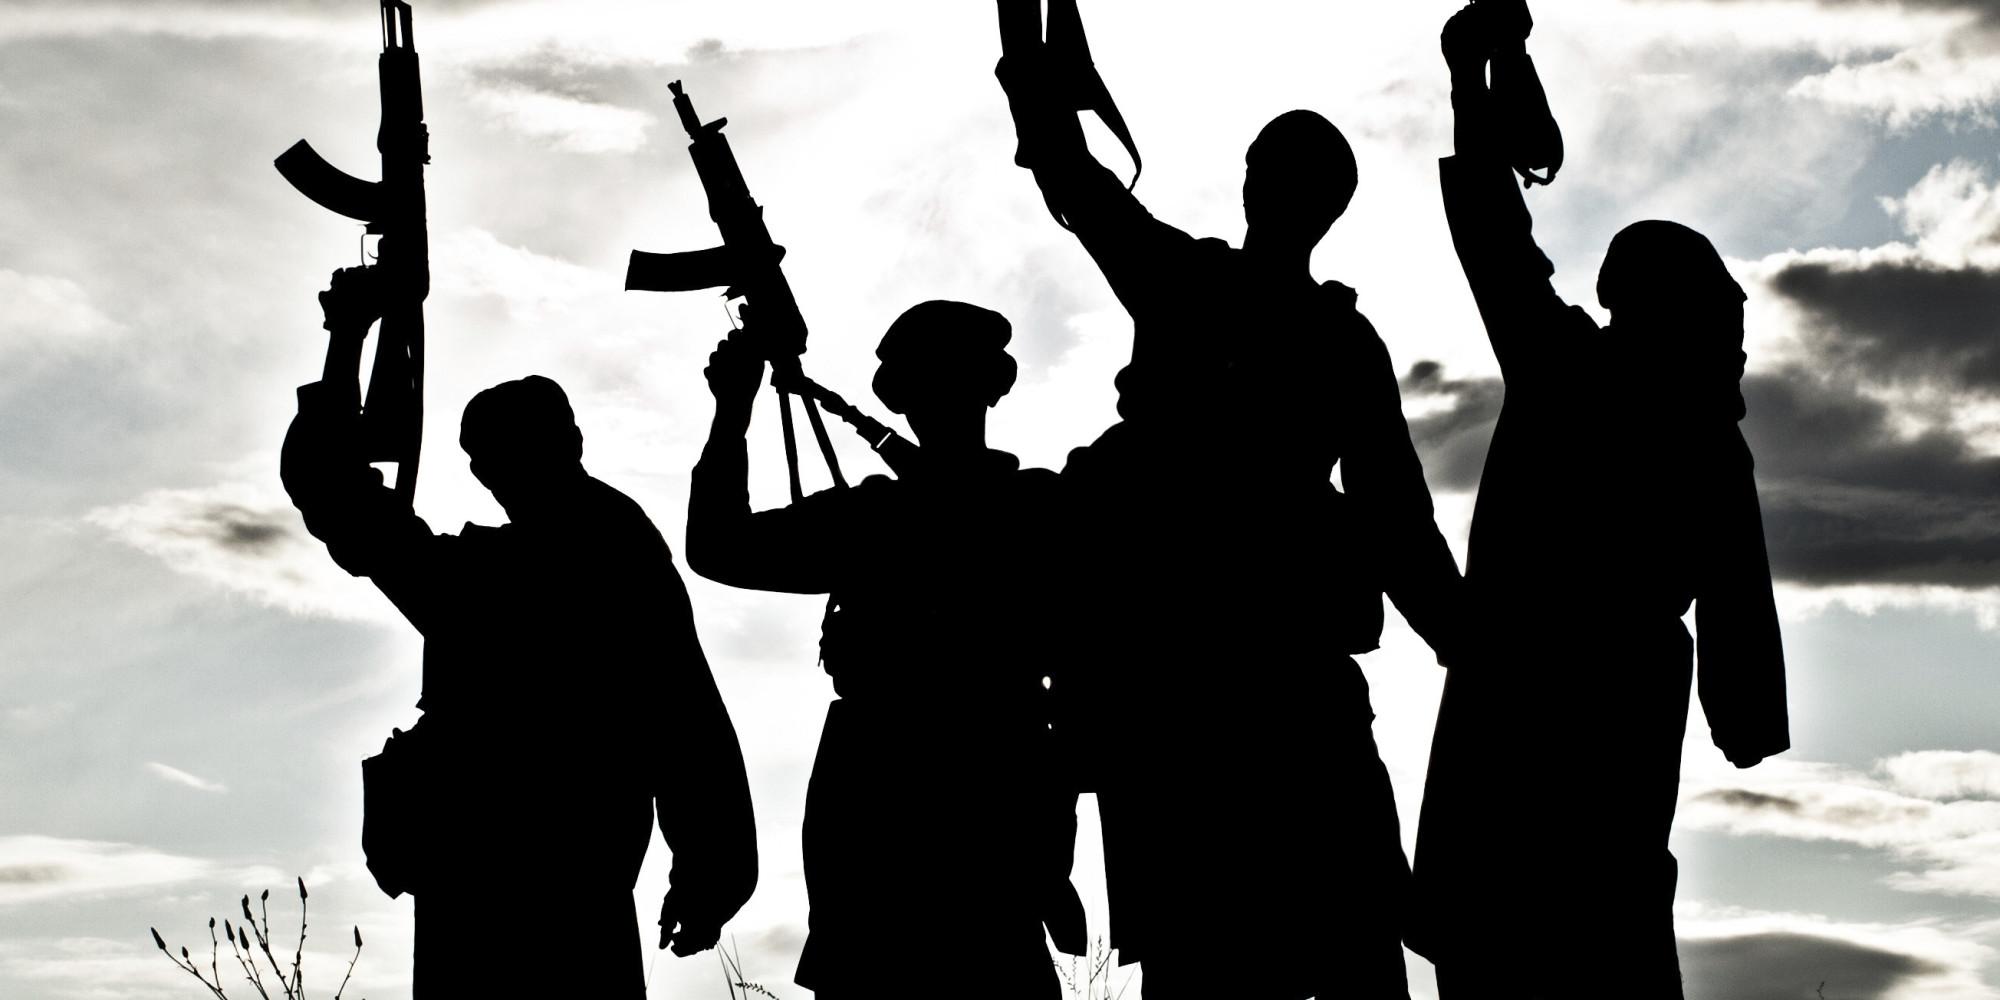 अमेरिका ने आतंकवाद पर पाकिस्तान को लगाई फटकार, कहा अब करो कार्रवाई